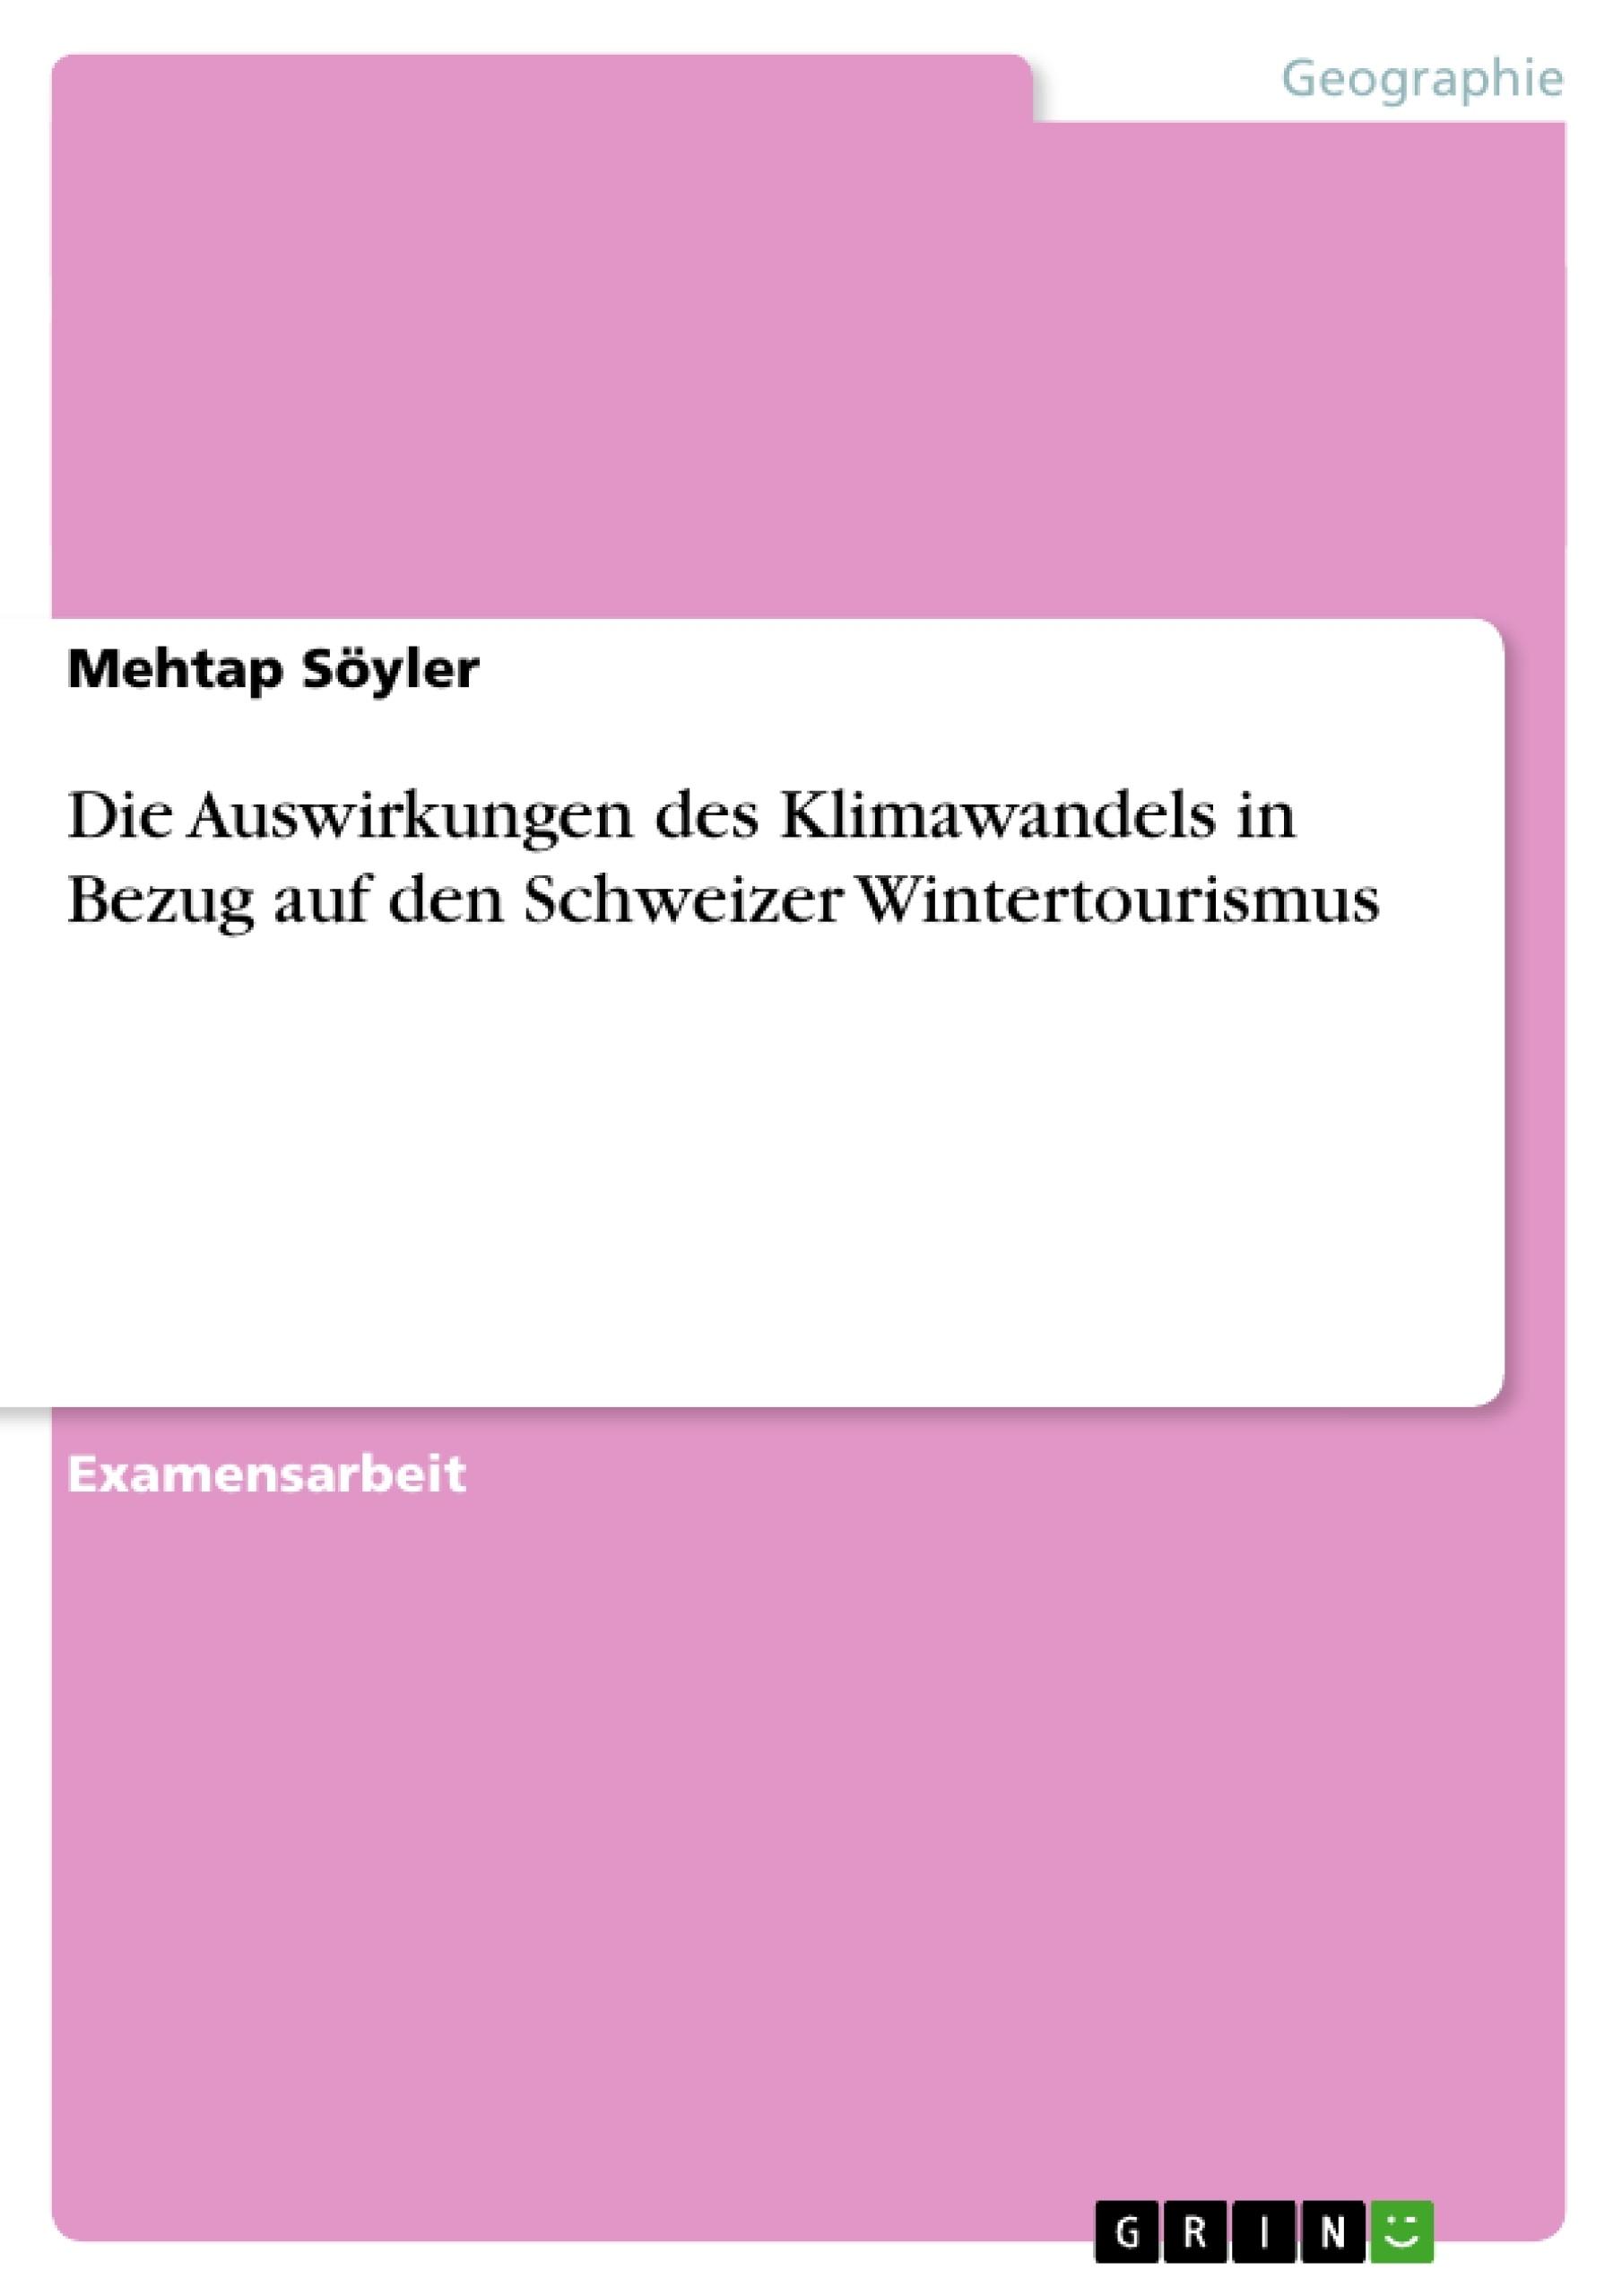 Titel: Die Auswirkungen des Klimawandels in Bezug auf den Schweizer Wintertourismus